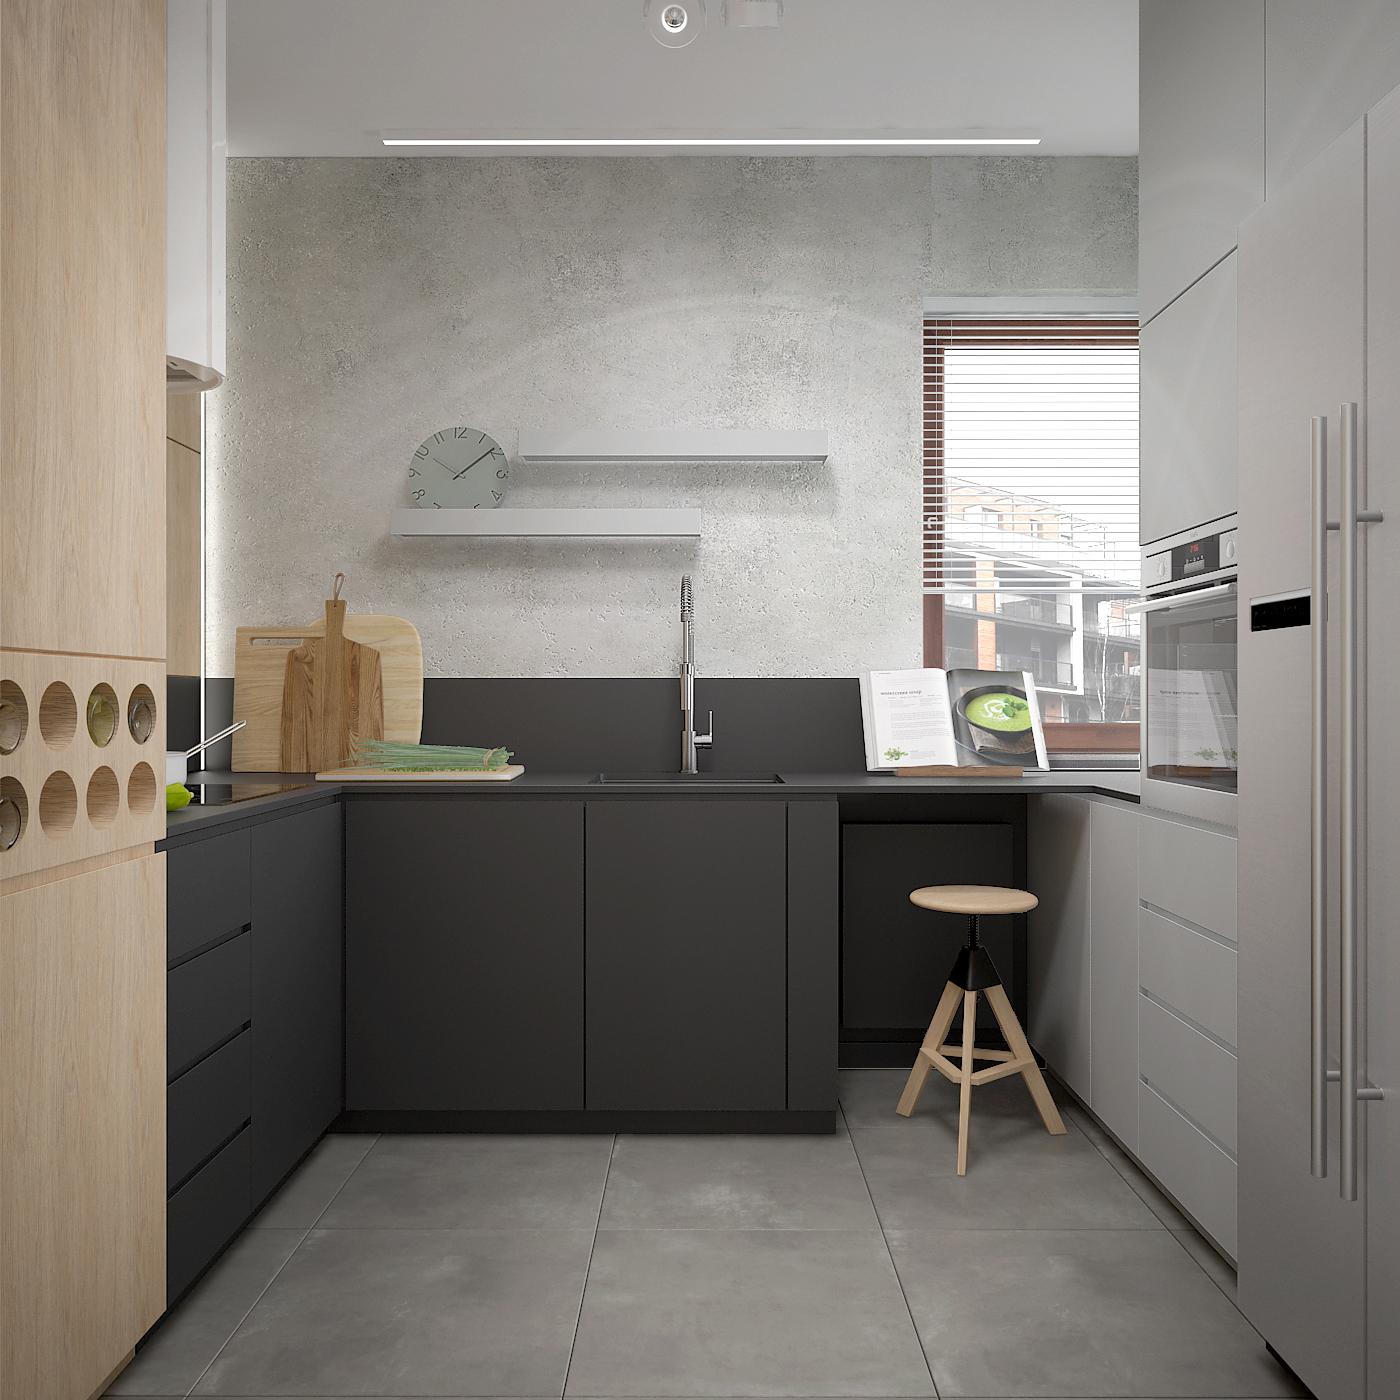 9 projekt wnetrza 537 mieszkanie krakow kuchnia betonowa podloga polka na wina czarny zlew wpuszczany w blat betonowa sciana